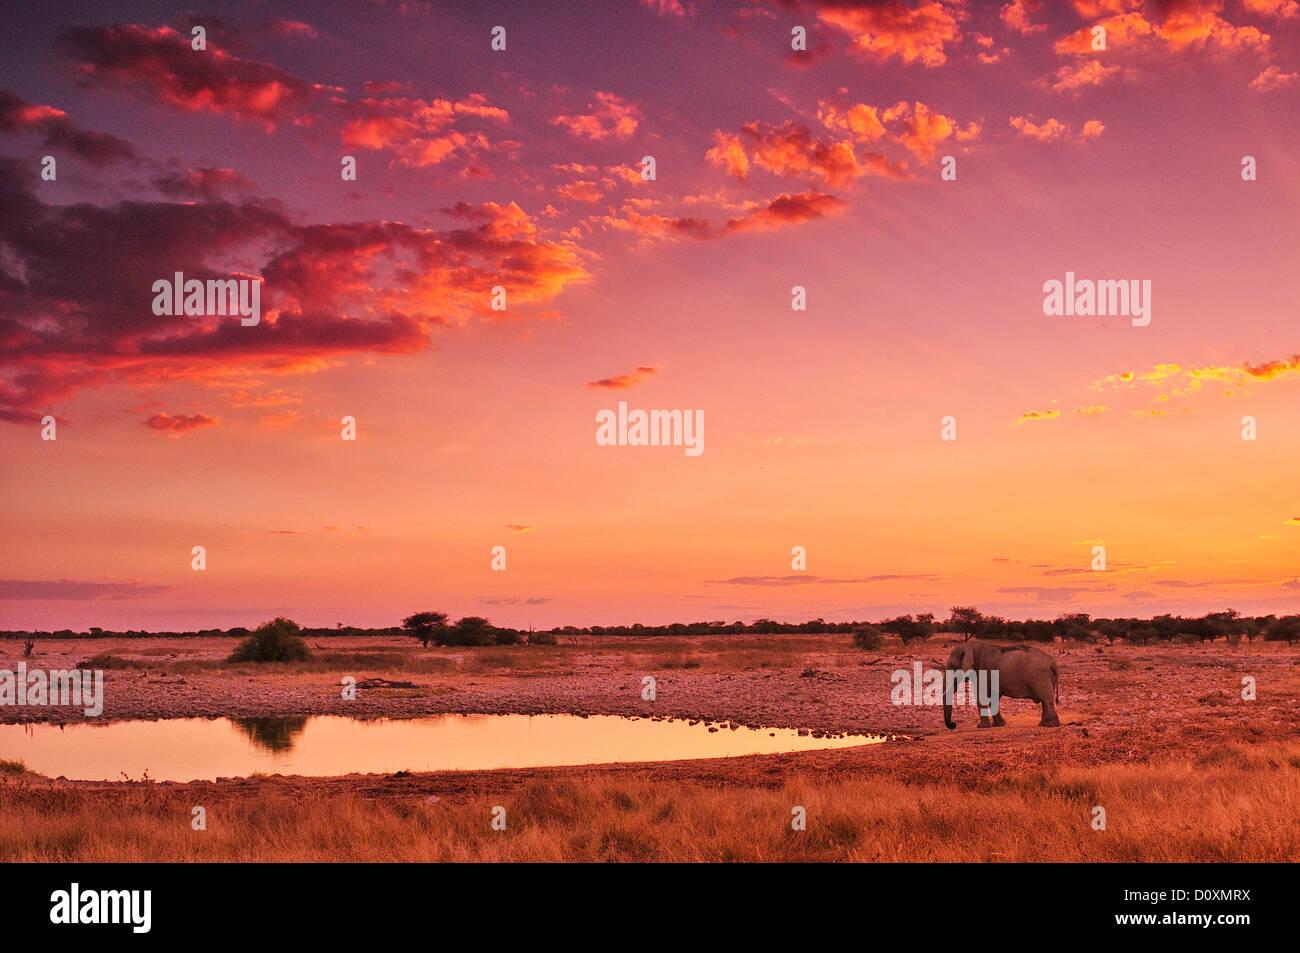 Africa, Namibia, Etosha, National Park, sunset, elephant, animal, waterhole, safari, animal, wildlife, red, Loxodonta - Stock Image